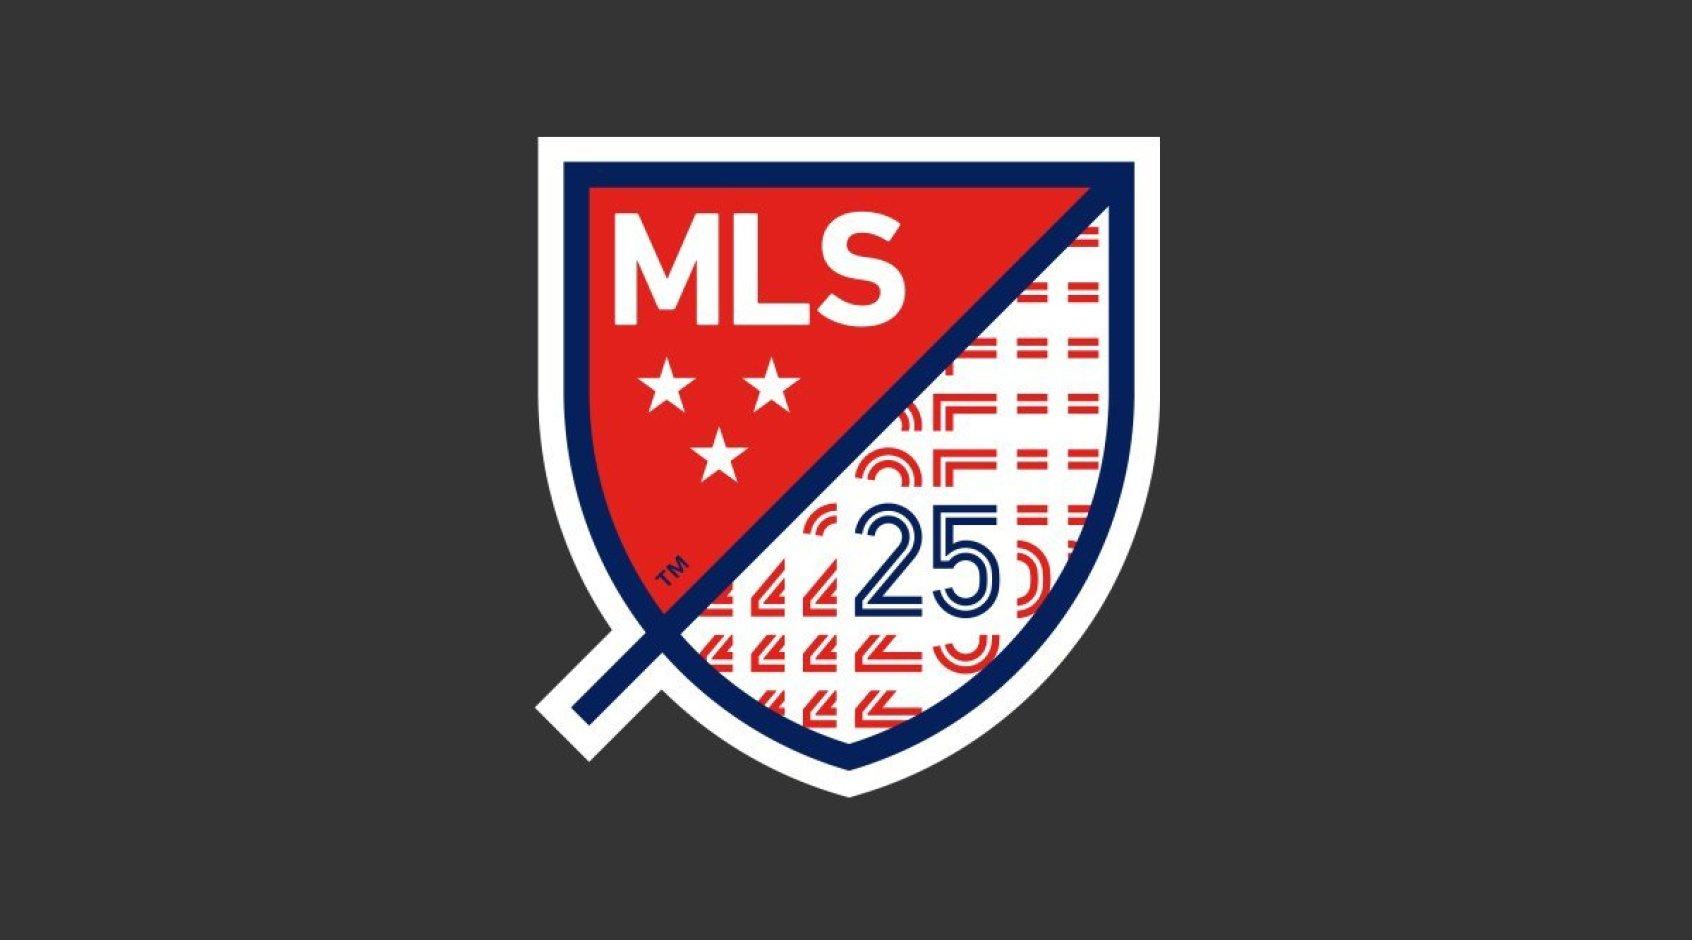 MLS объявила о возобновлении чемпионата после паузы, вызванной протестами против расизма